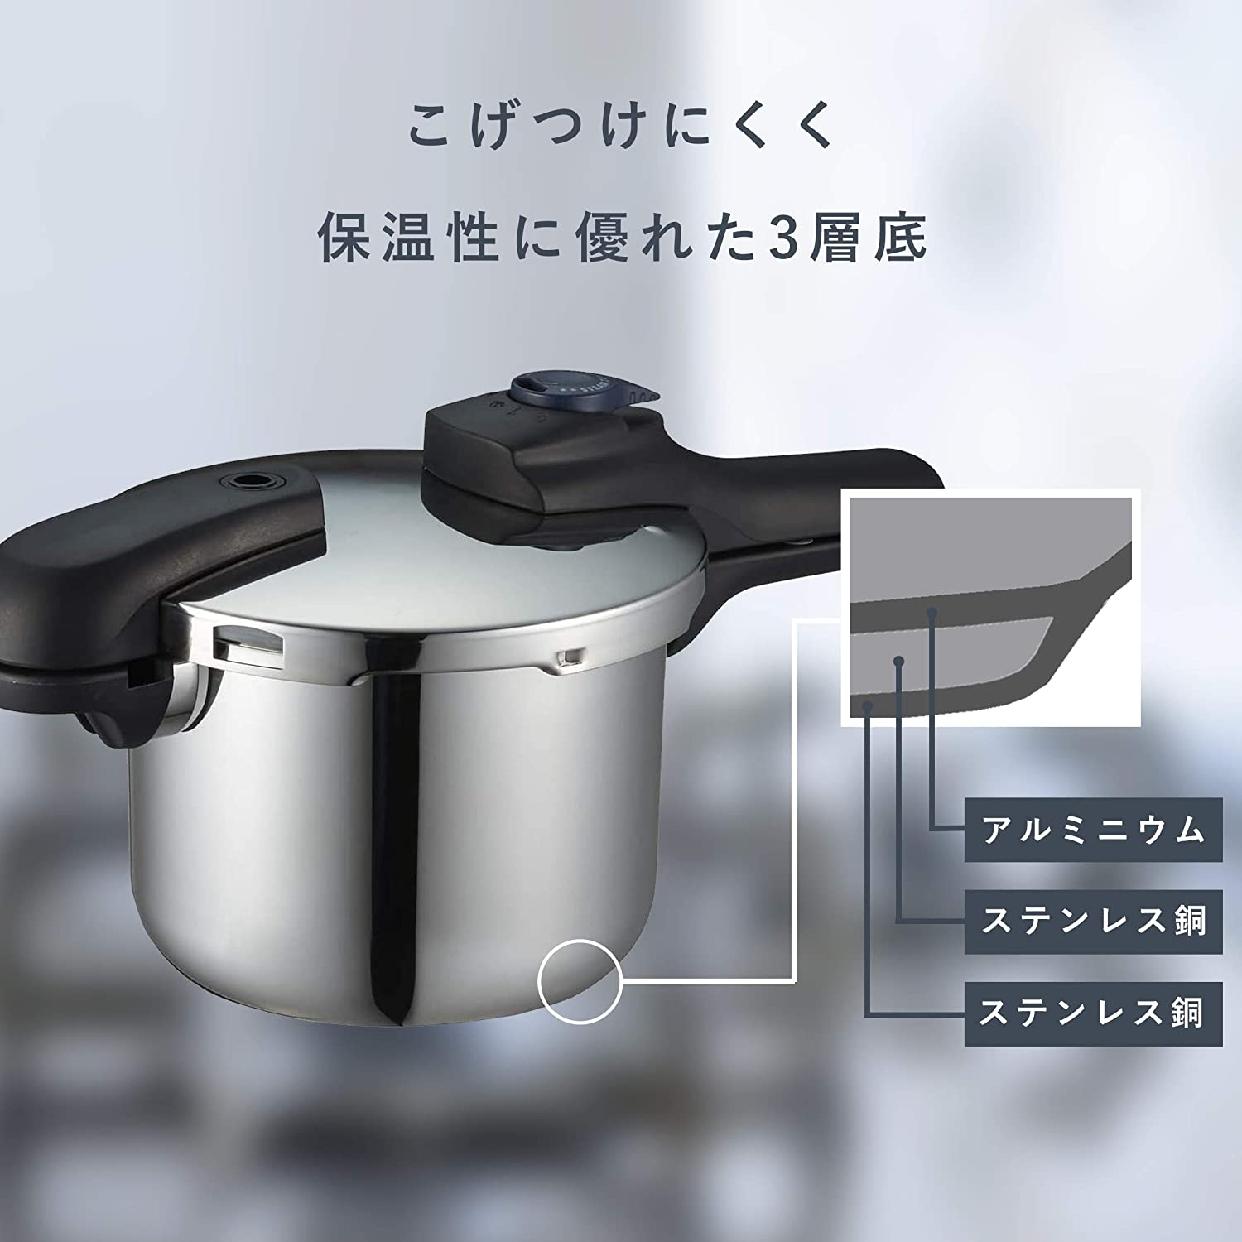 パール金属(PEARL) クイックエコ 3層底切り替え式圧力鍋 H-5040の商品画像16